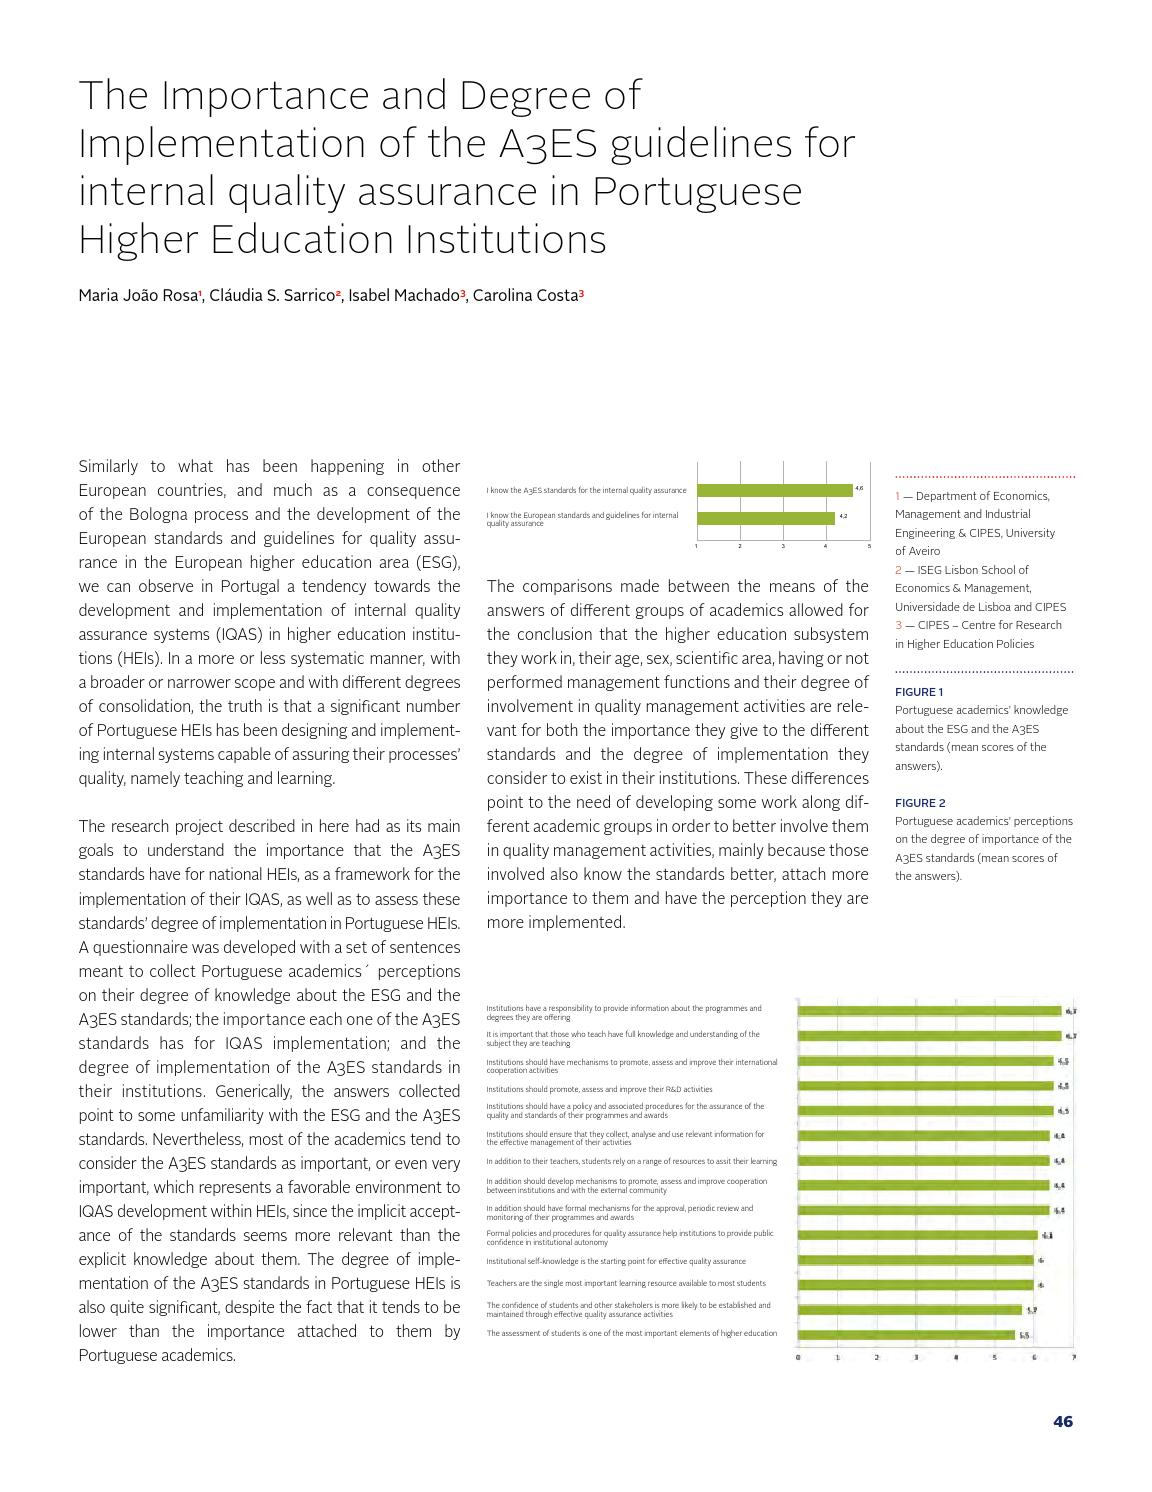 Research@UA 2014 by Universidade de Aveiro - issuu